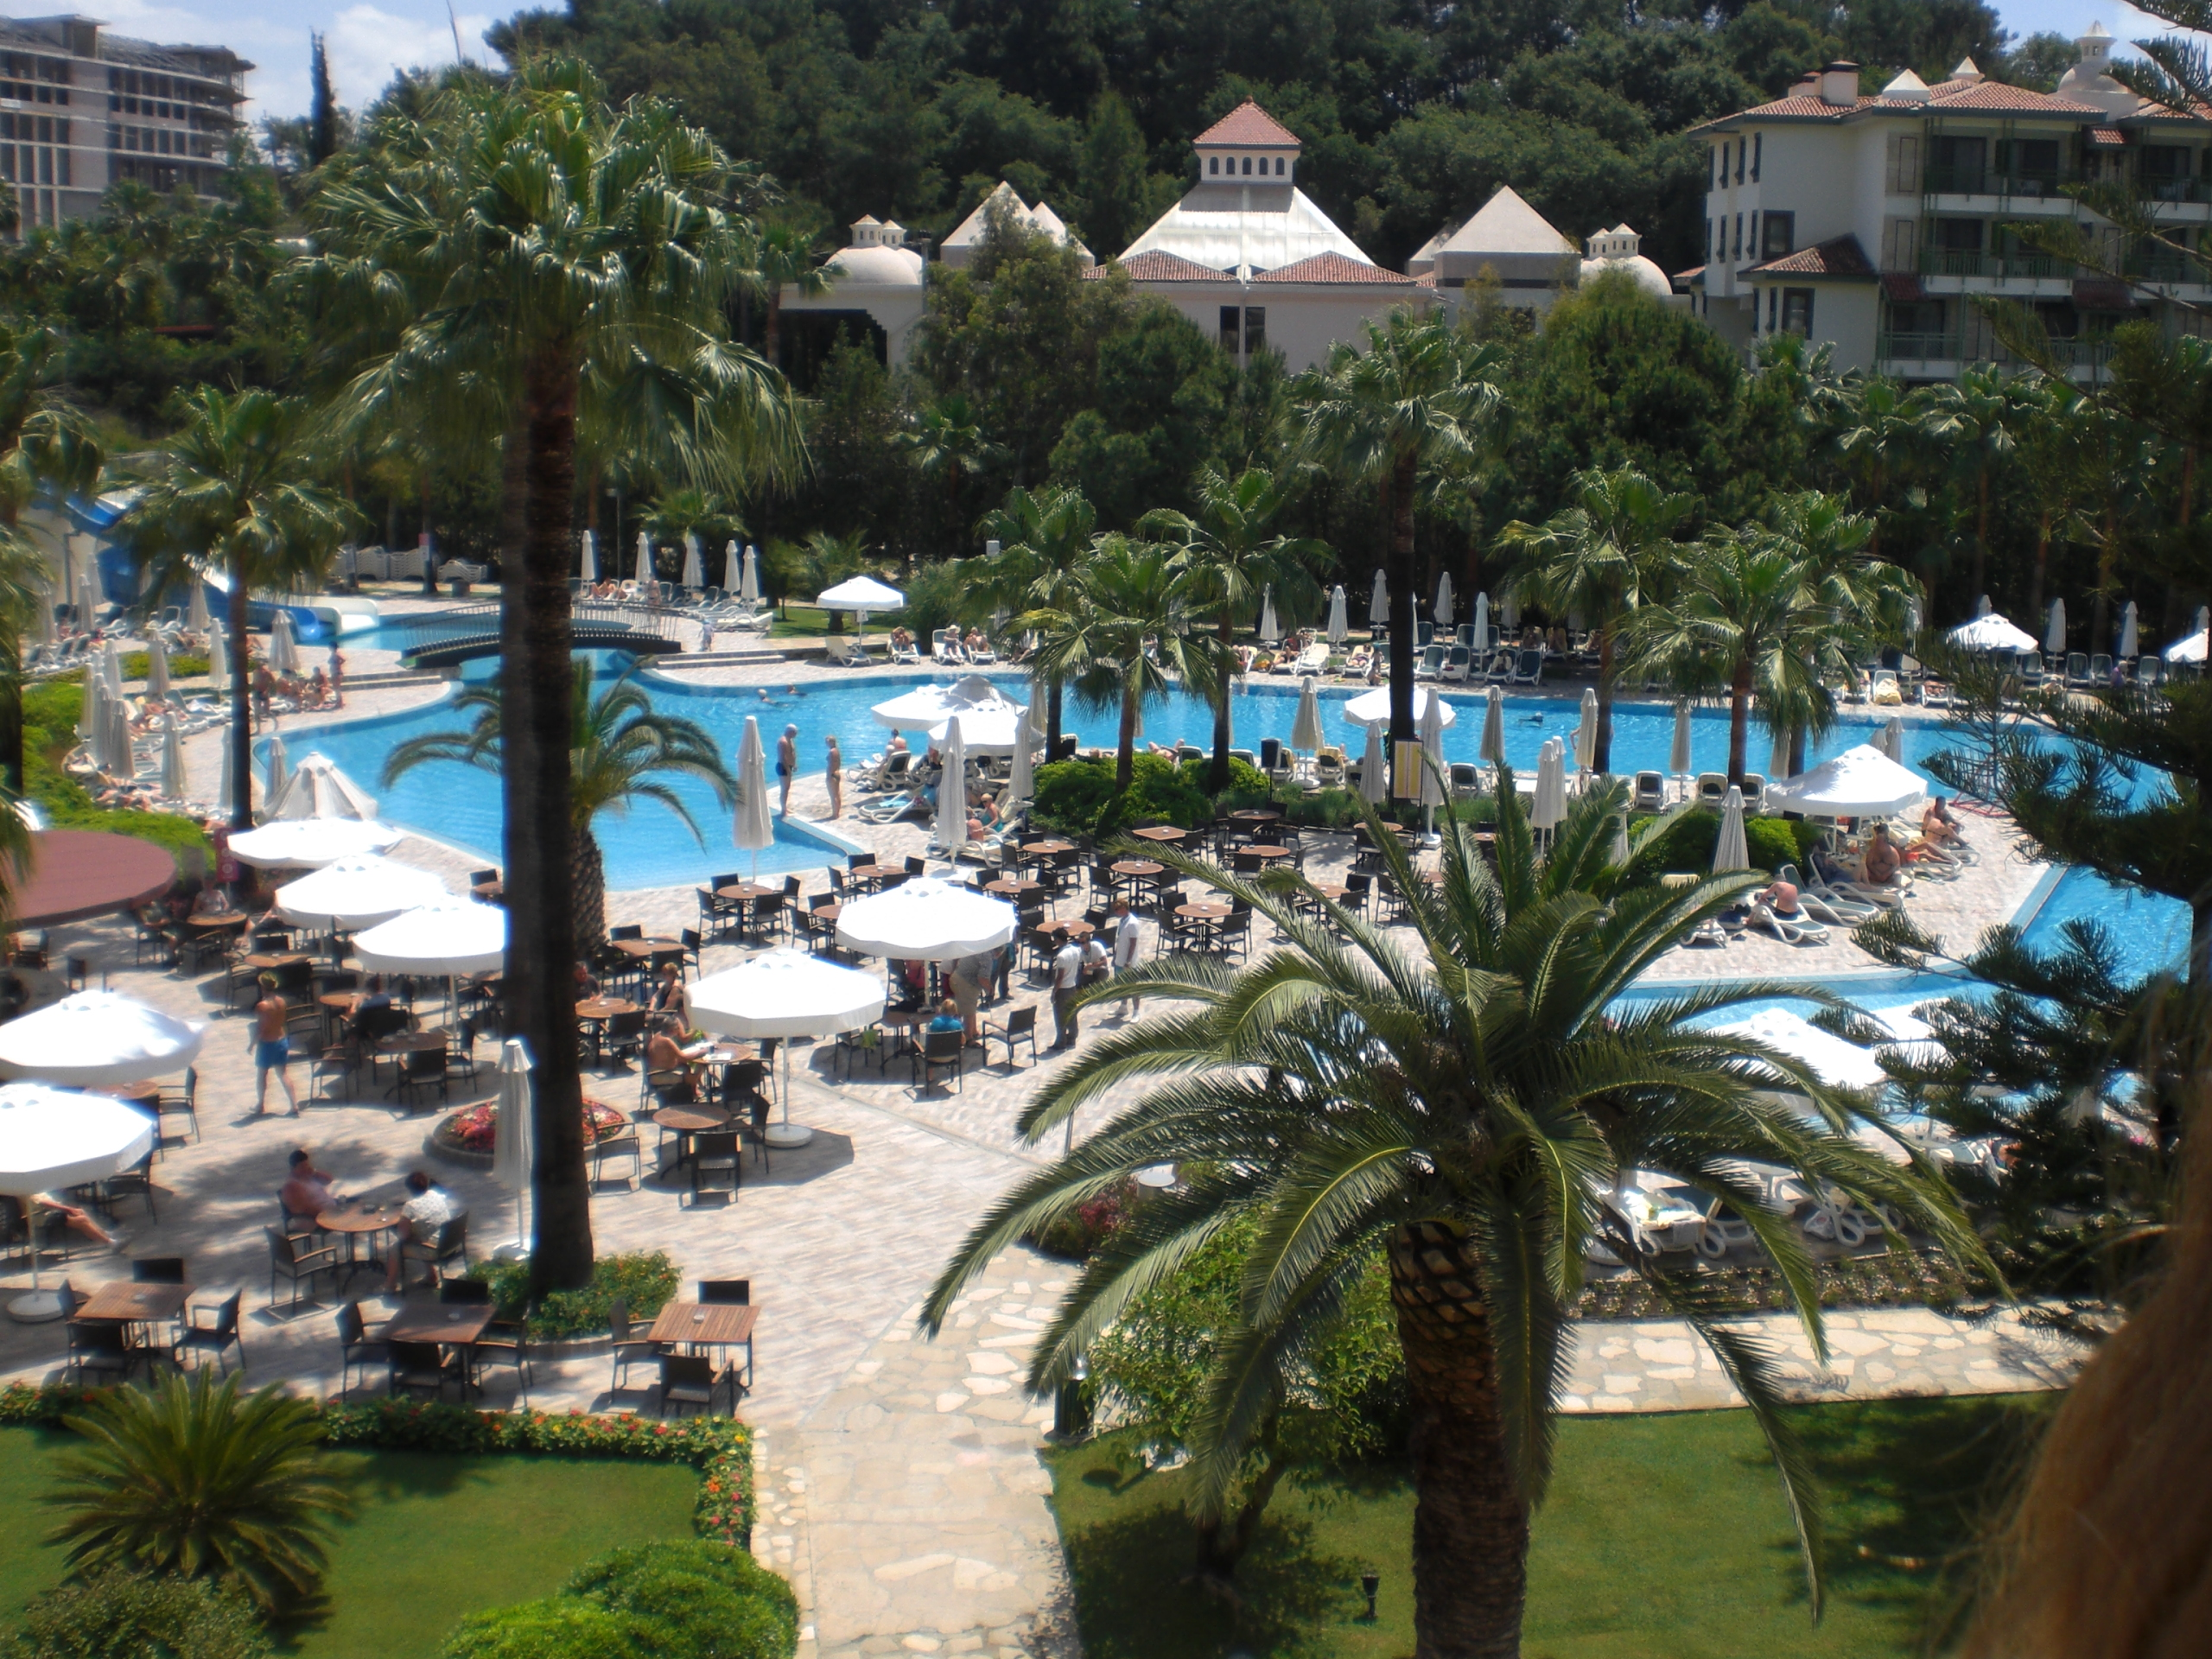 Turkei Side Hotel Defne Garden